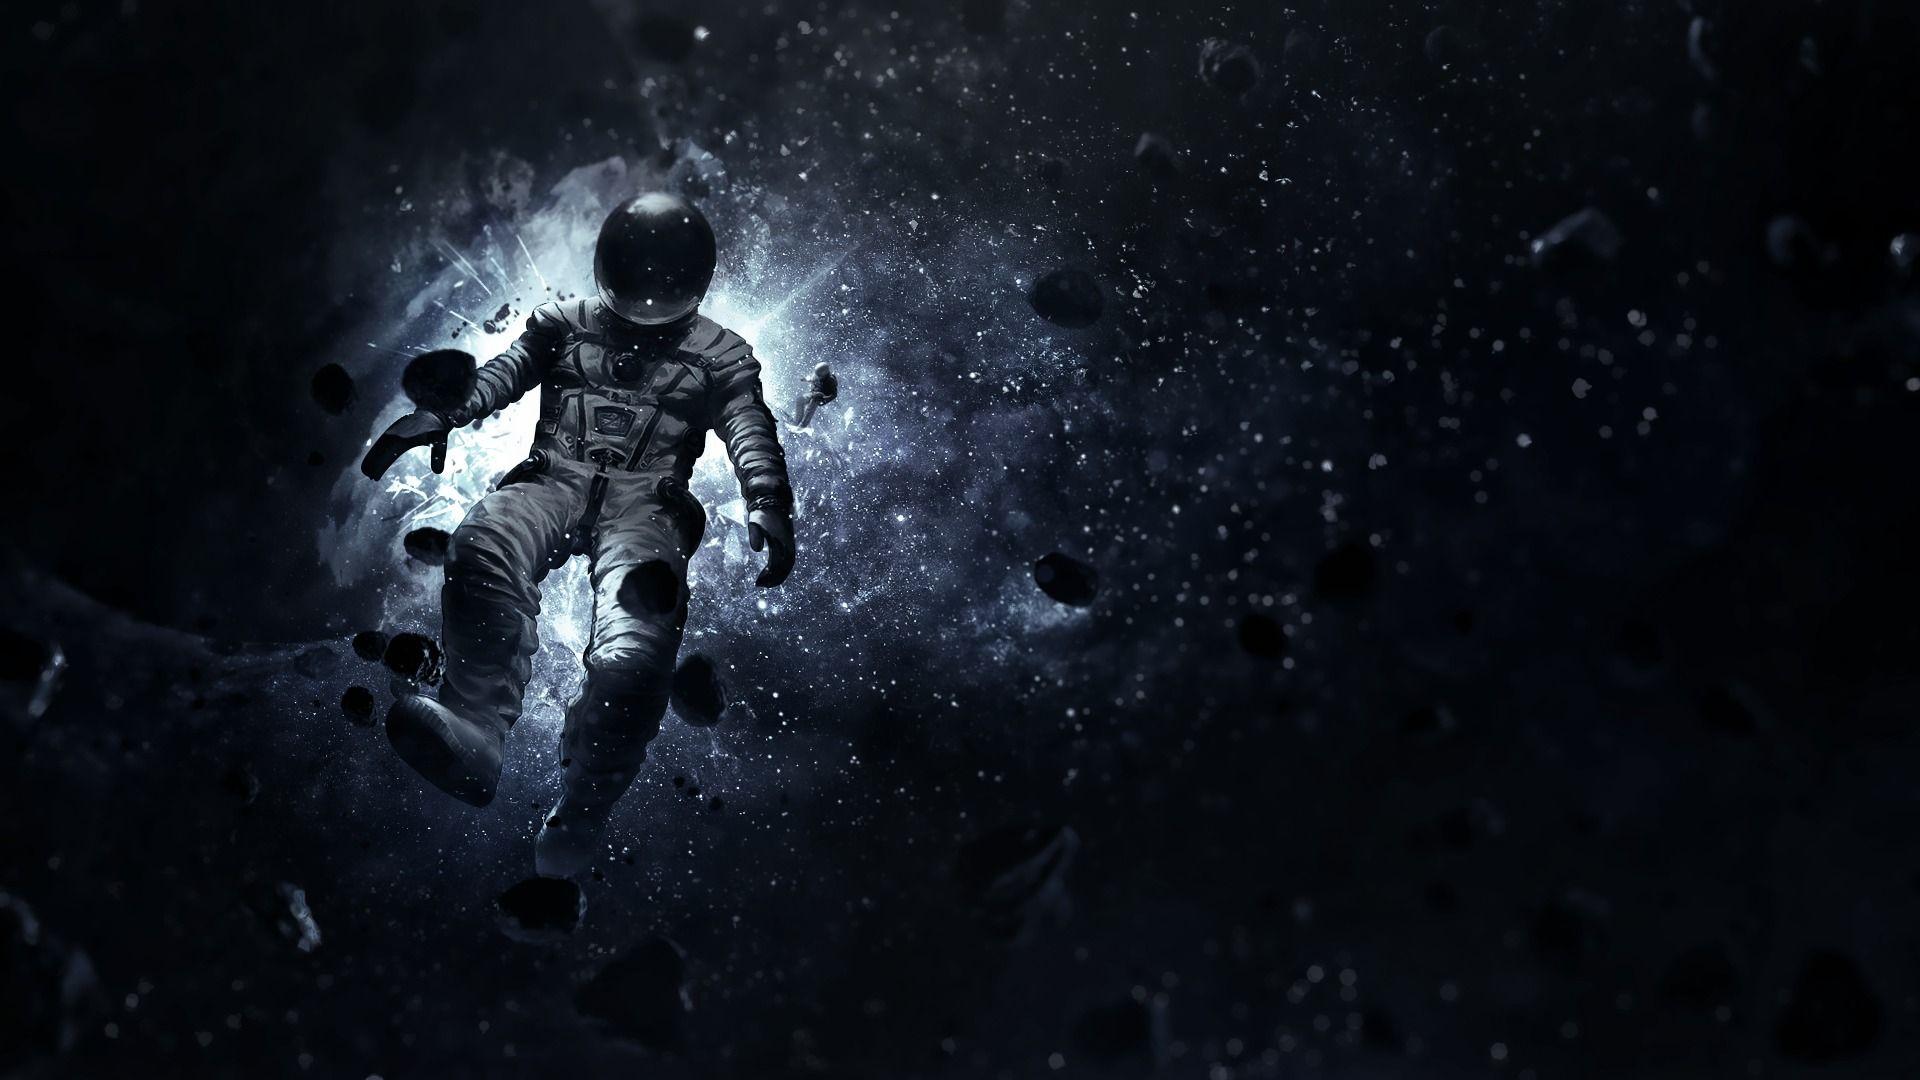 Astronaut Computer Wallpapers Desktop Backgrounds 1920x1080 Id 565696 Astronaut Wallpaper Space Pictures Astronaut